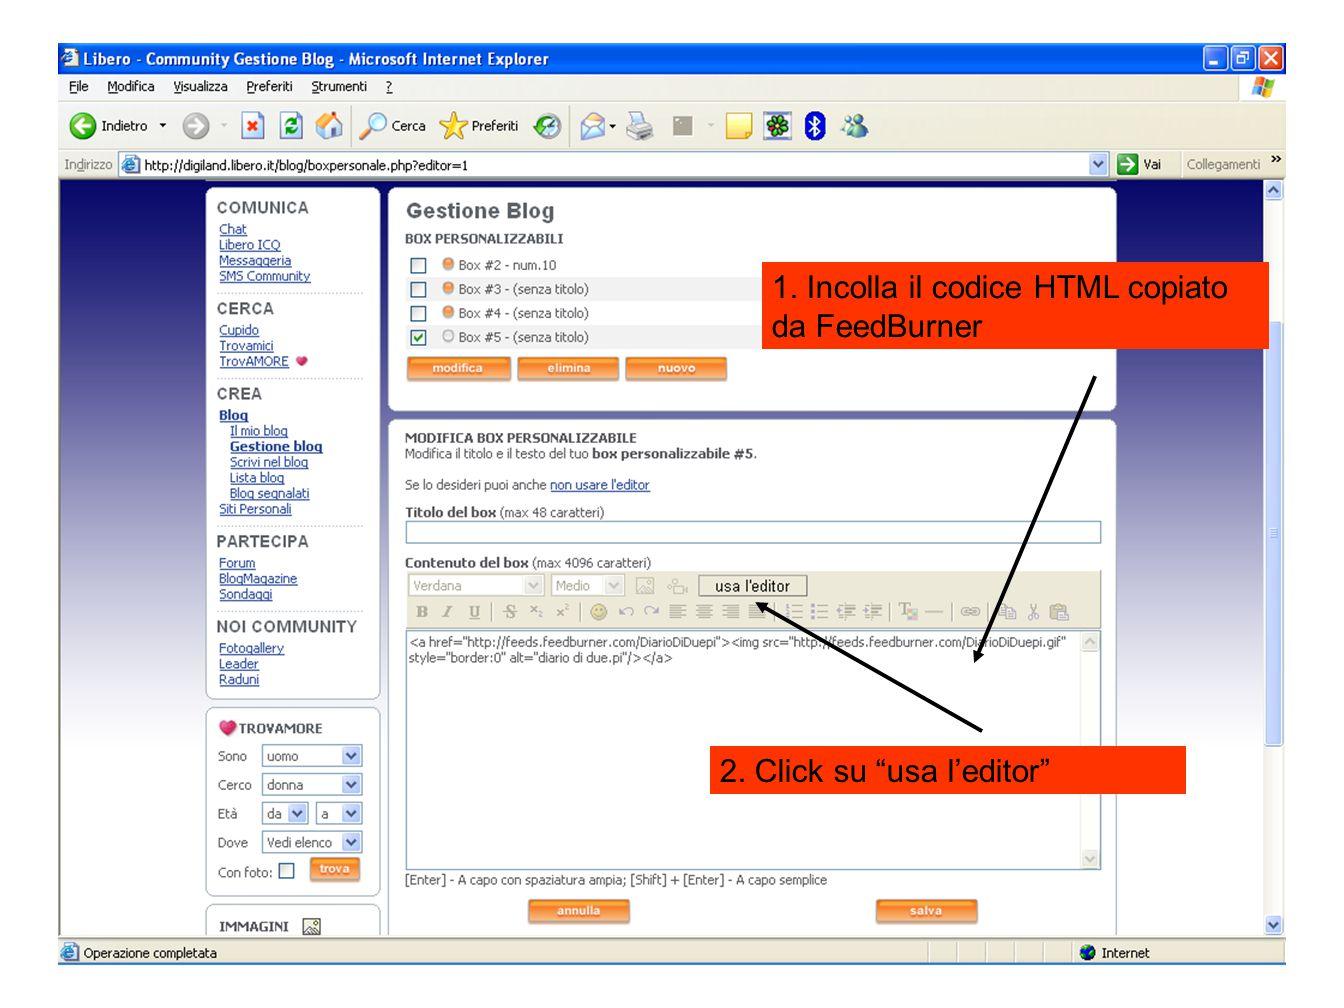 1. Incolla il codice HTML copiato da FeedBurner 2. Click su usa l'editor